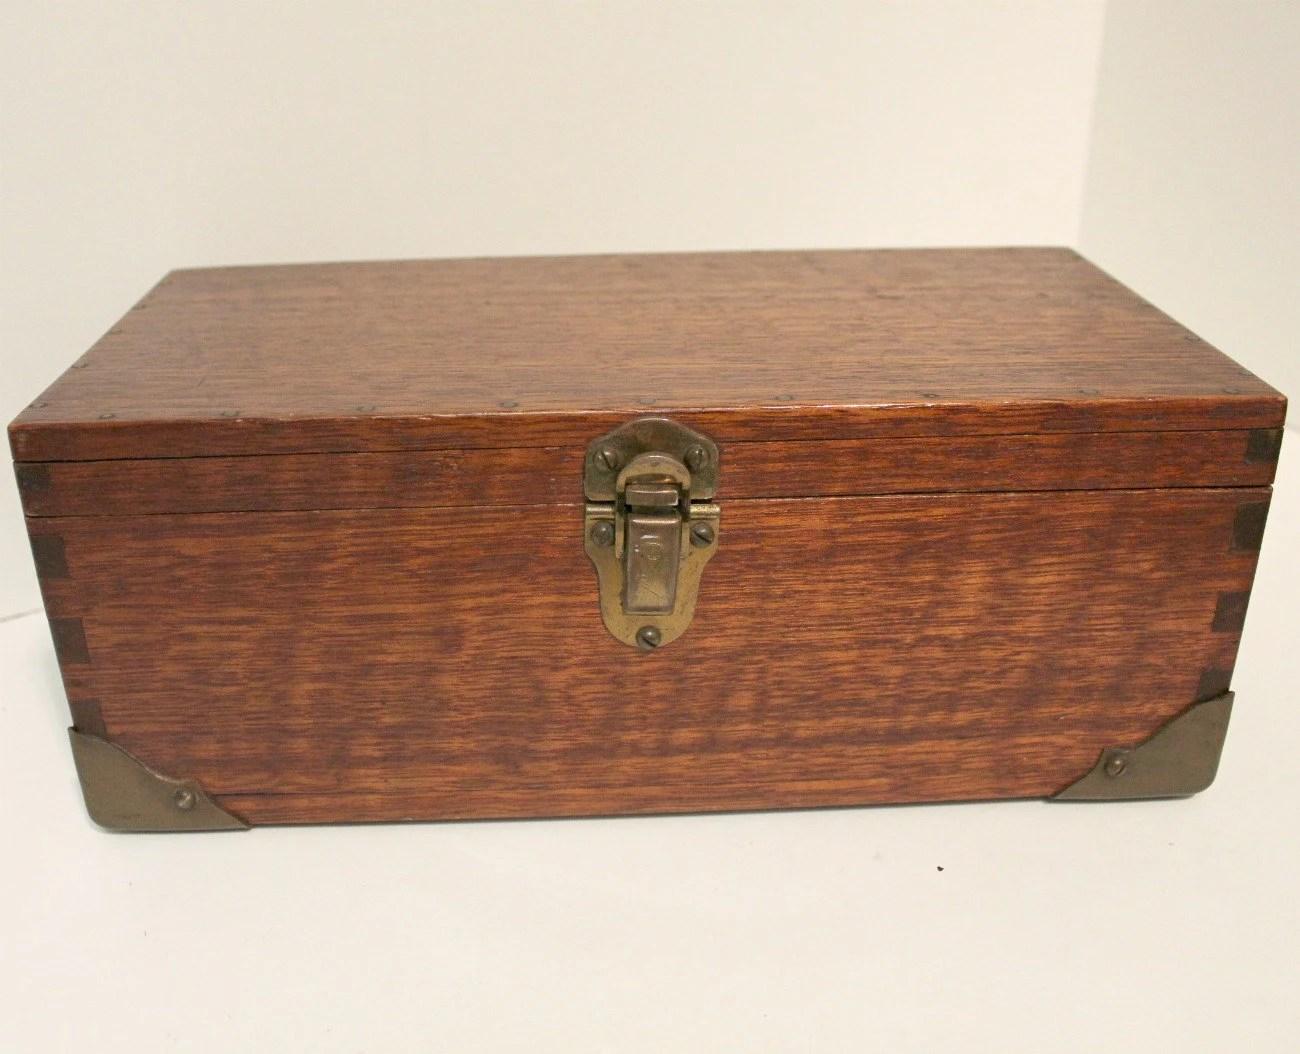 Antique Wooden Box Wood Chest Folk Art Storage